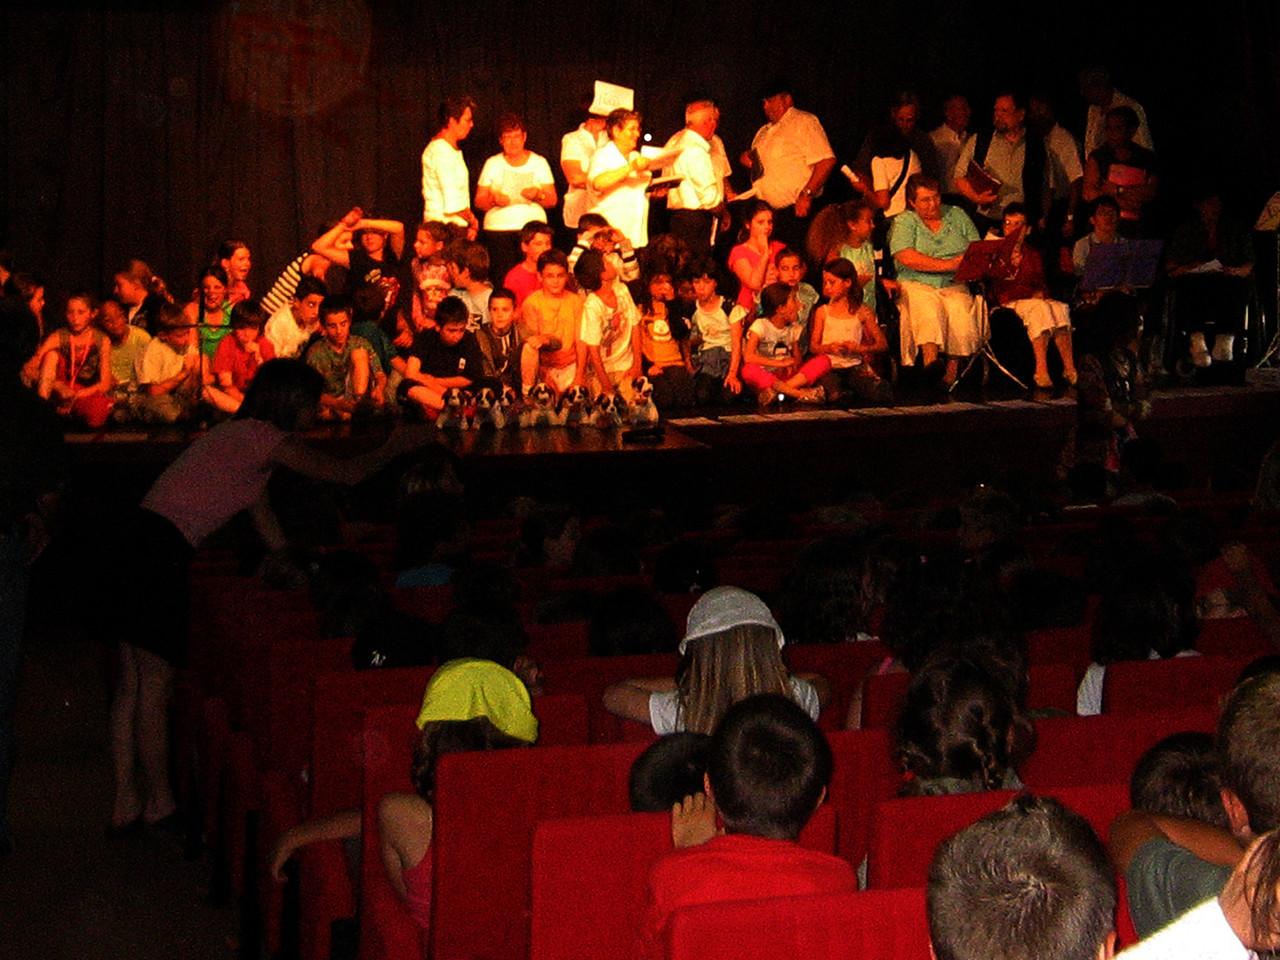 Fête de la musique avec les élèves de l'école de Séméac et la chorale Lourres Lourouch du Bach Adour de Sarniguet  21 juin 2007